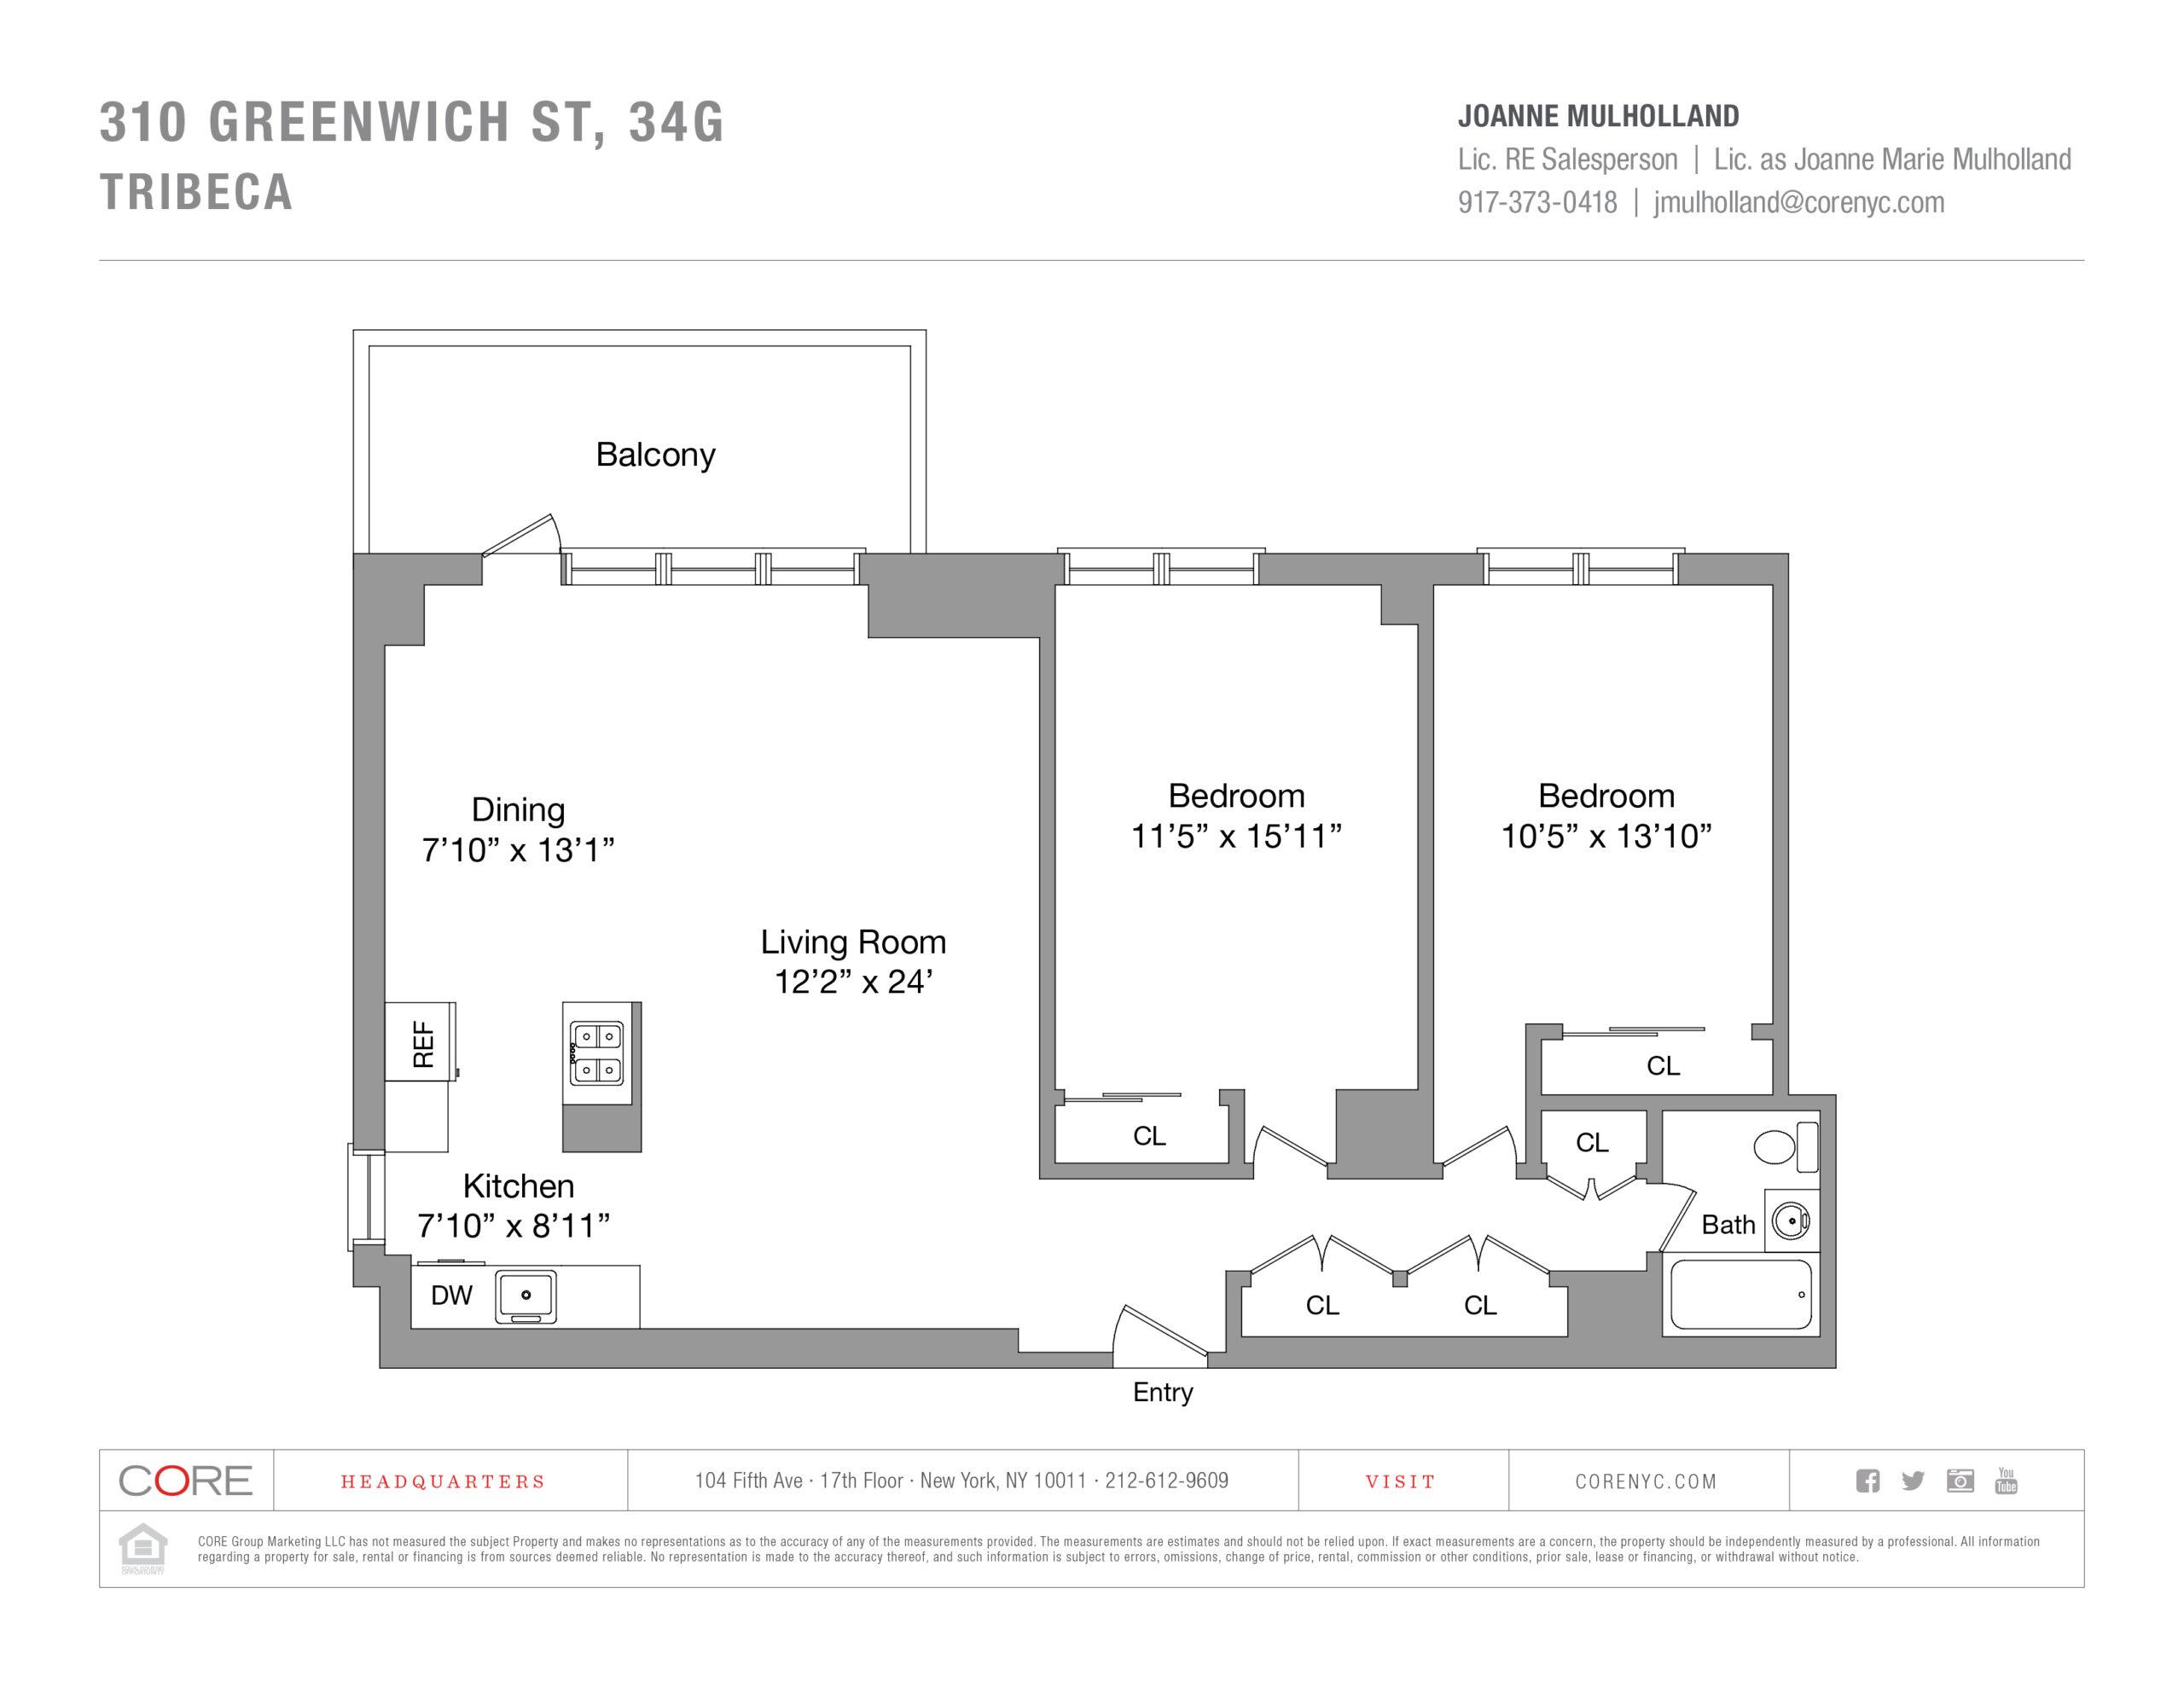 310 Greenwich St. 34G, New York, NY 10013